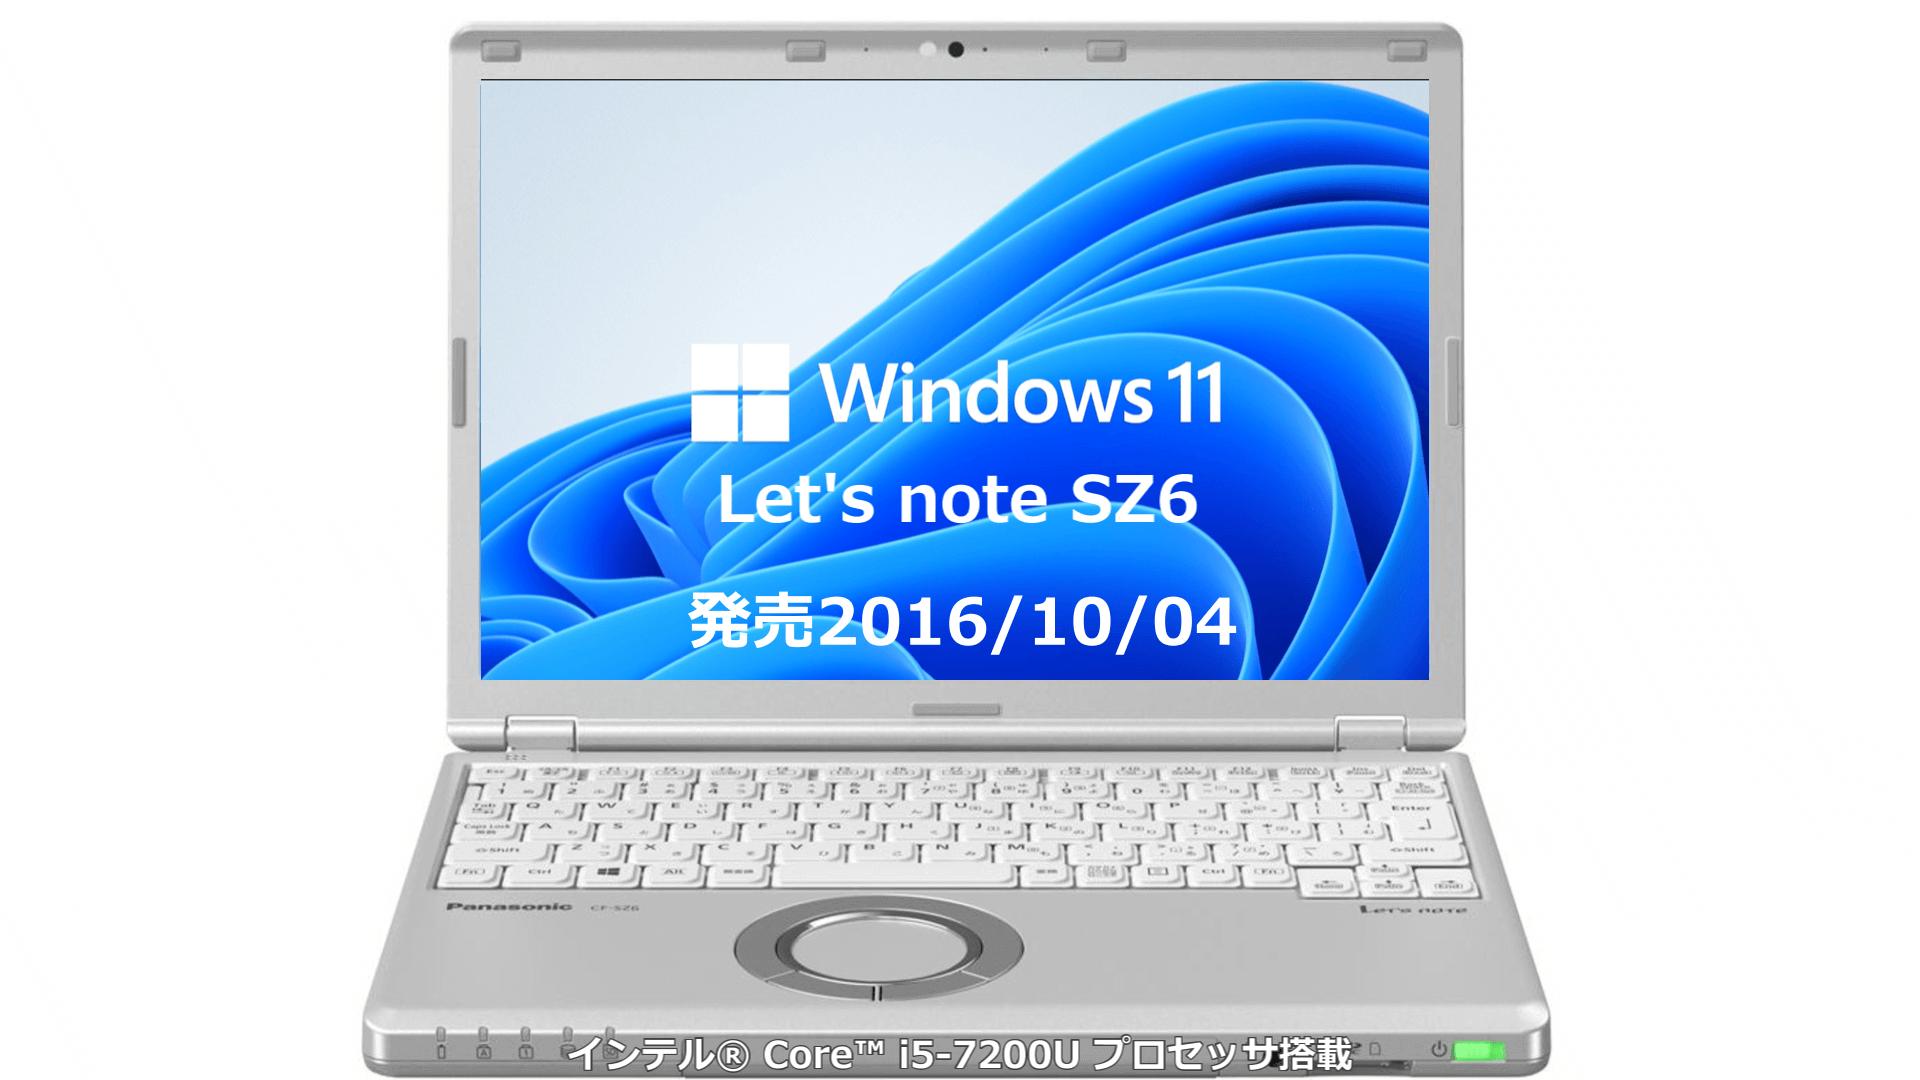 6年前のパソコンをWindows11化